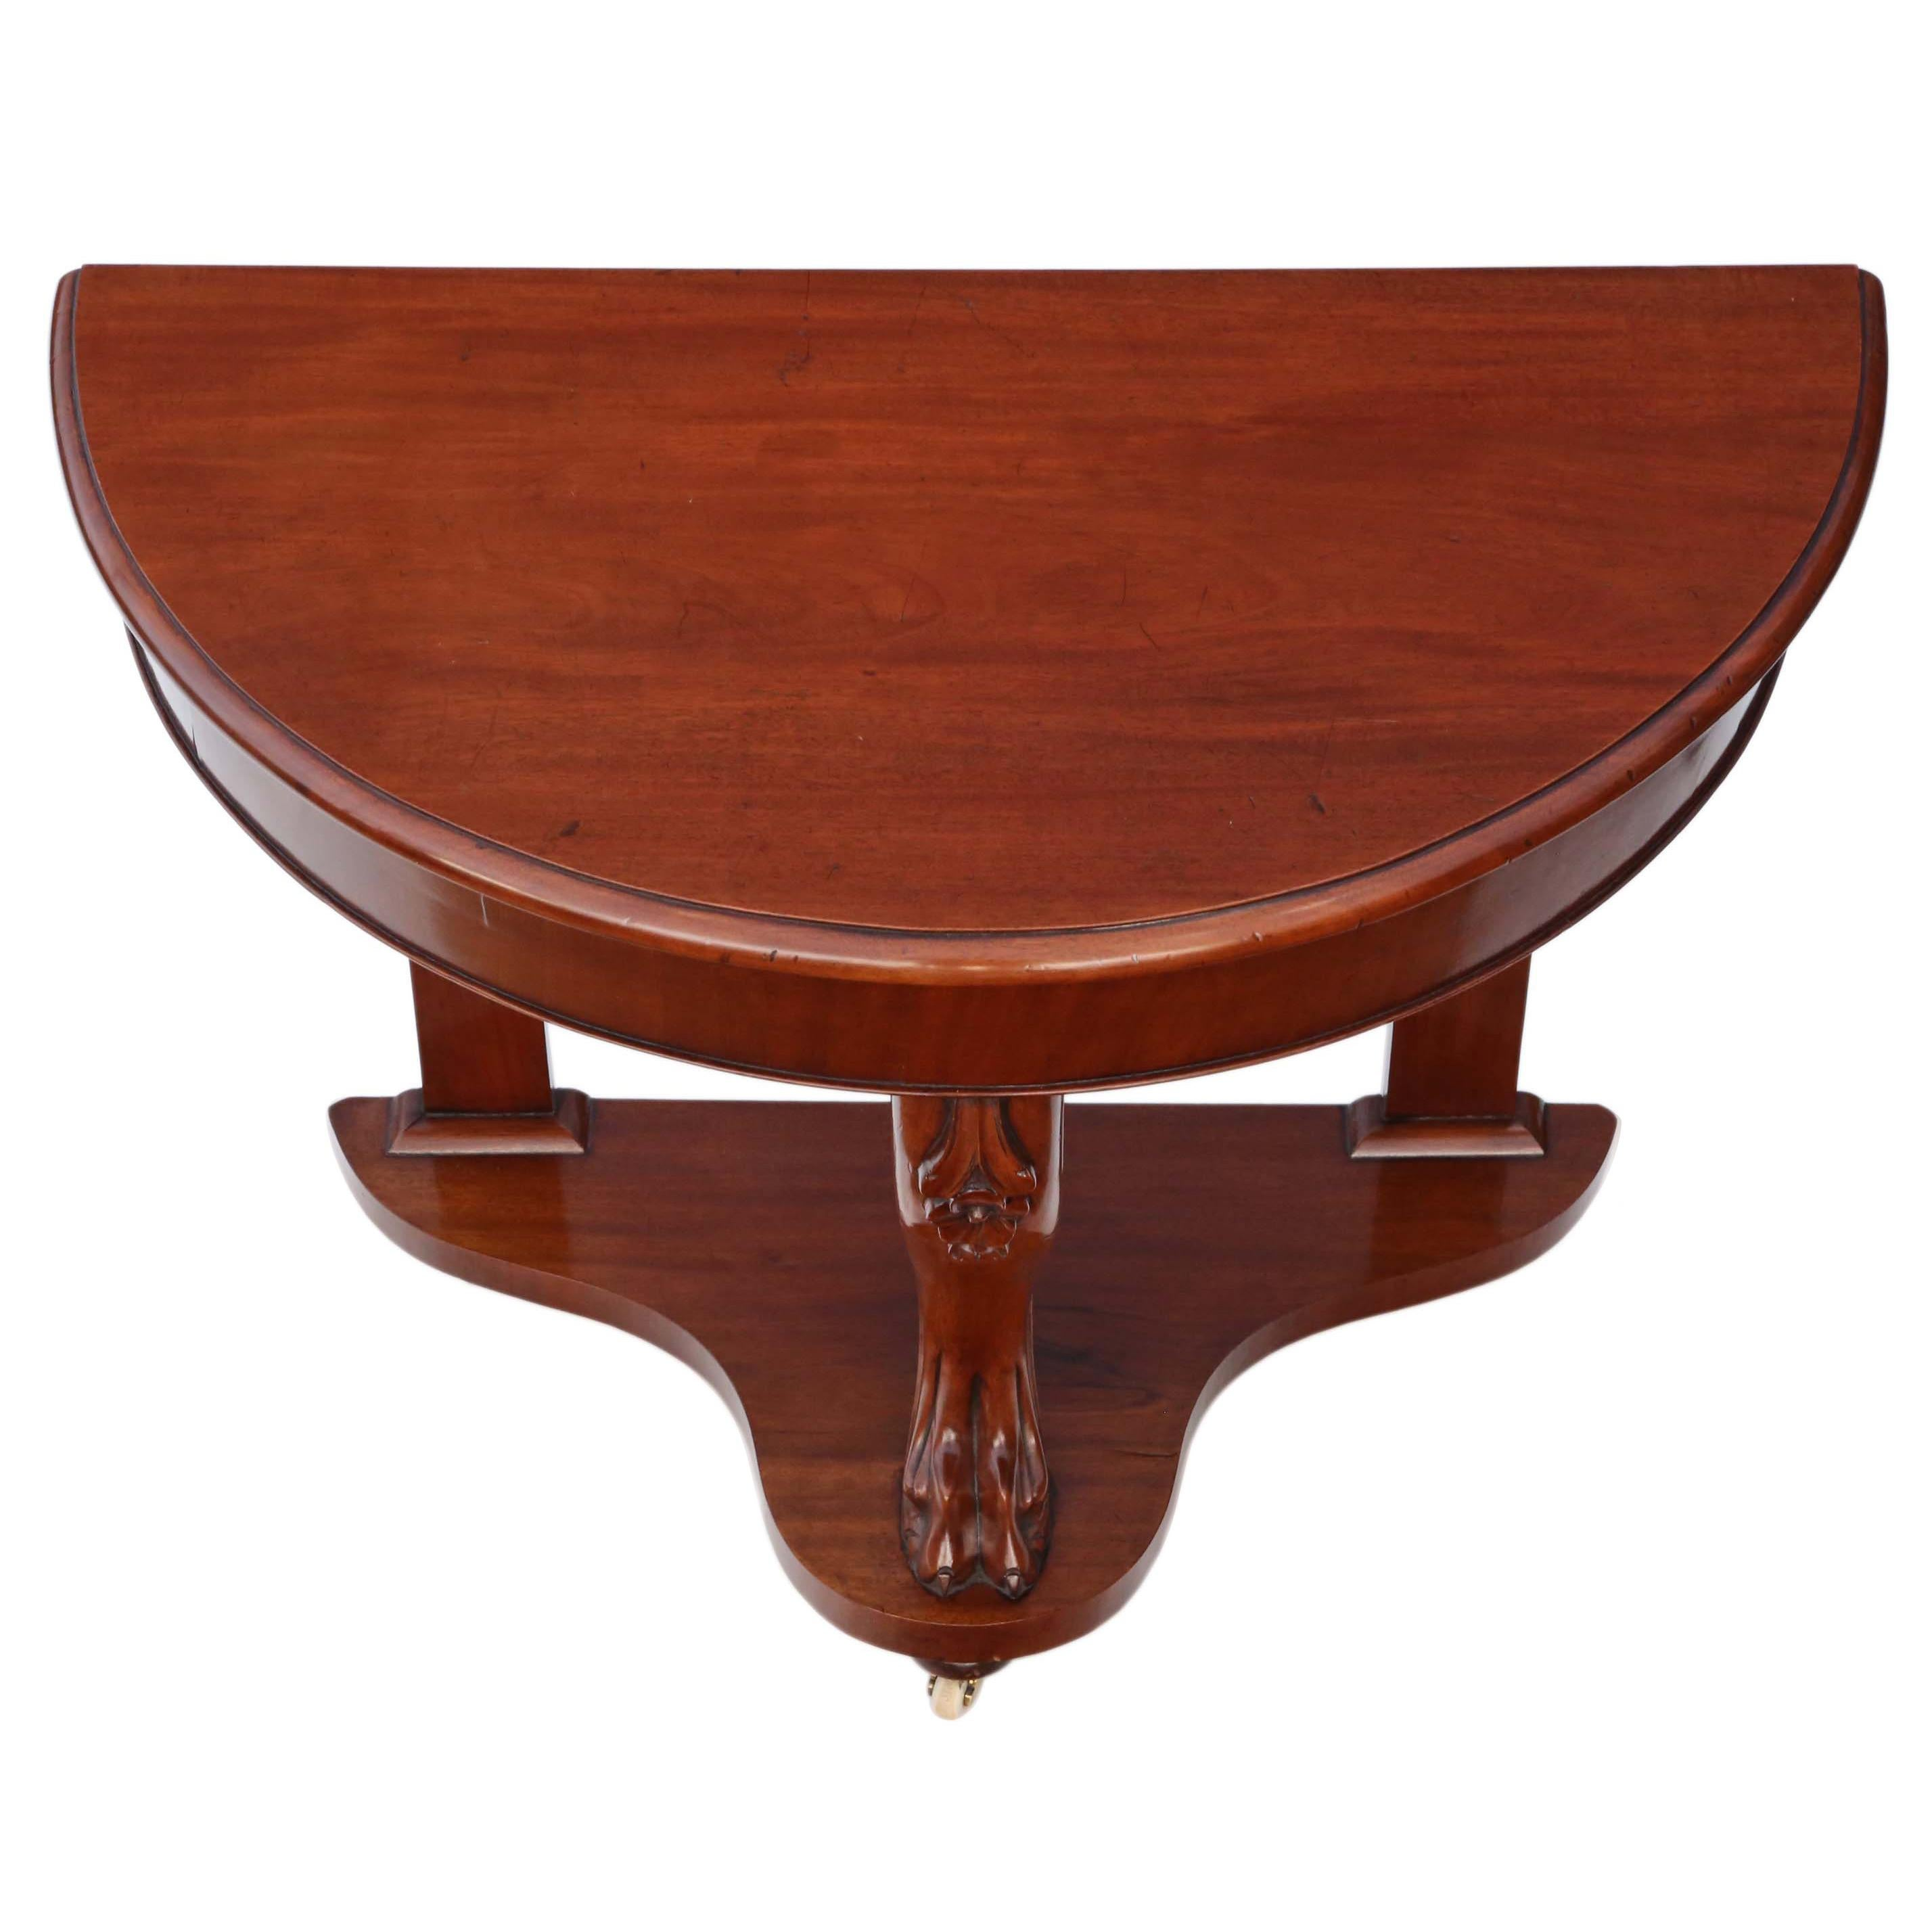 Victorian Mahogany Demi-Lune Console Table